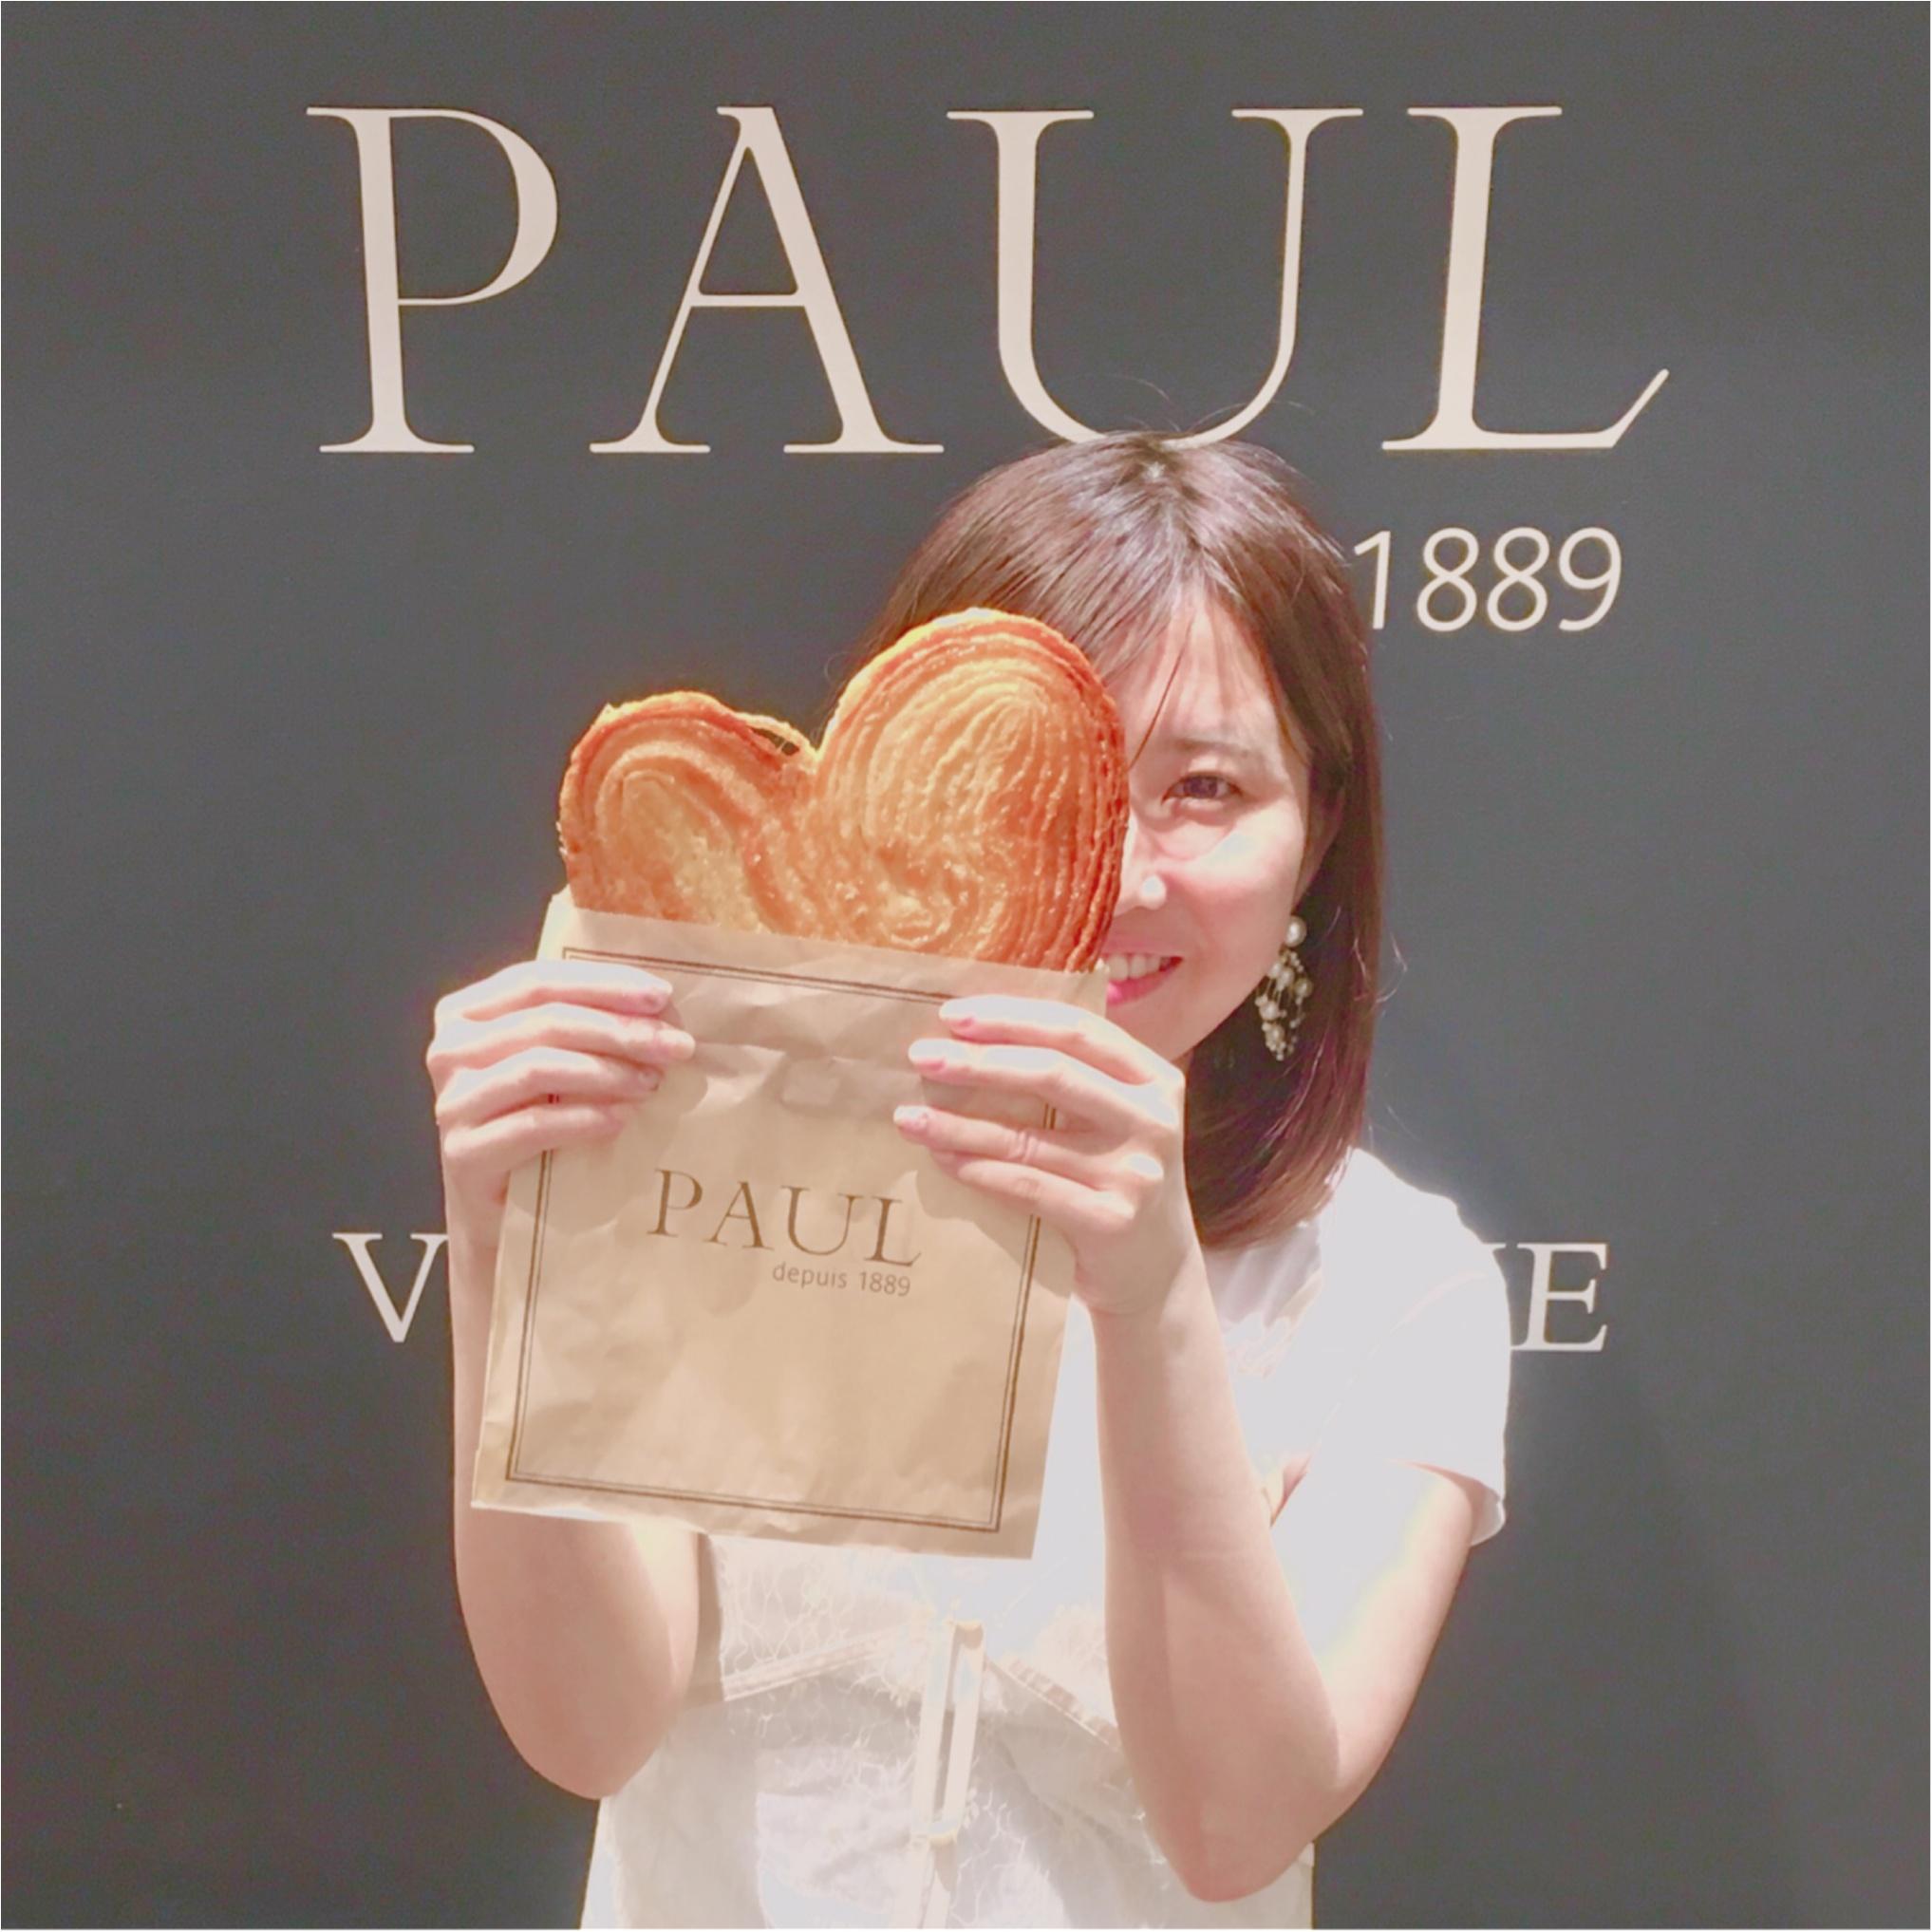 顔が隠れちゃうビッグサイズ!?PAULのハート型パイはもうチェックした?_2